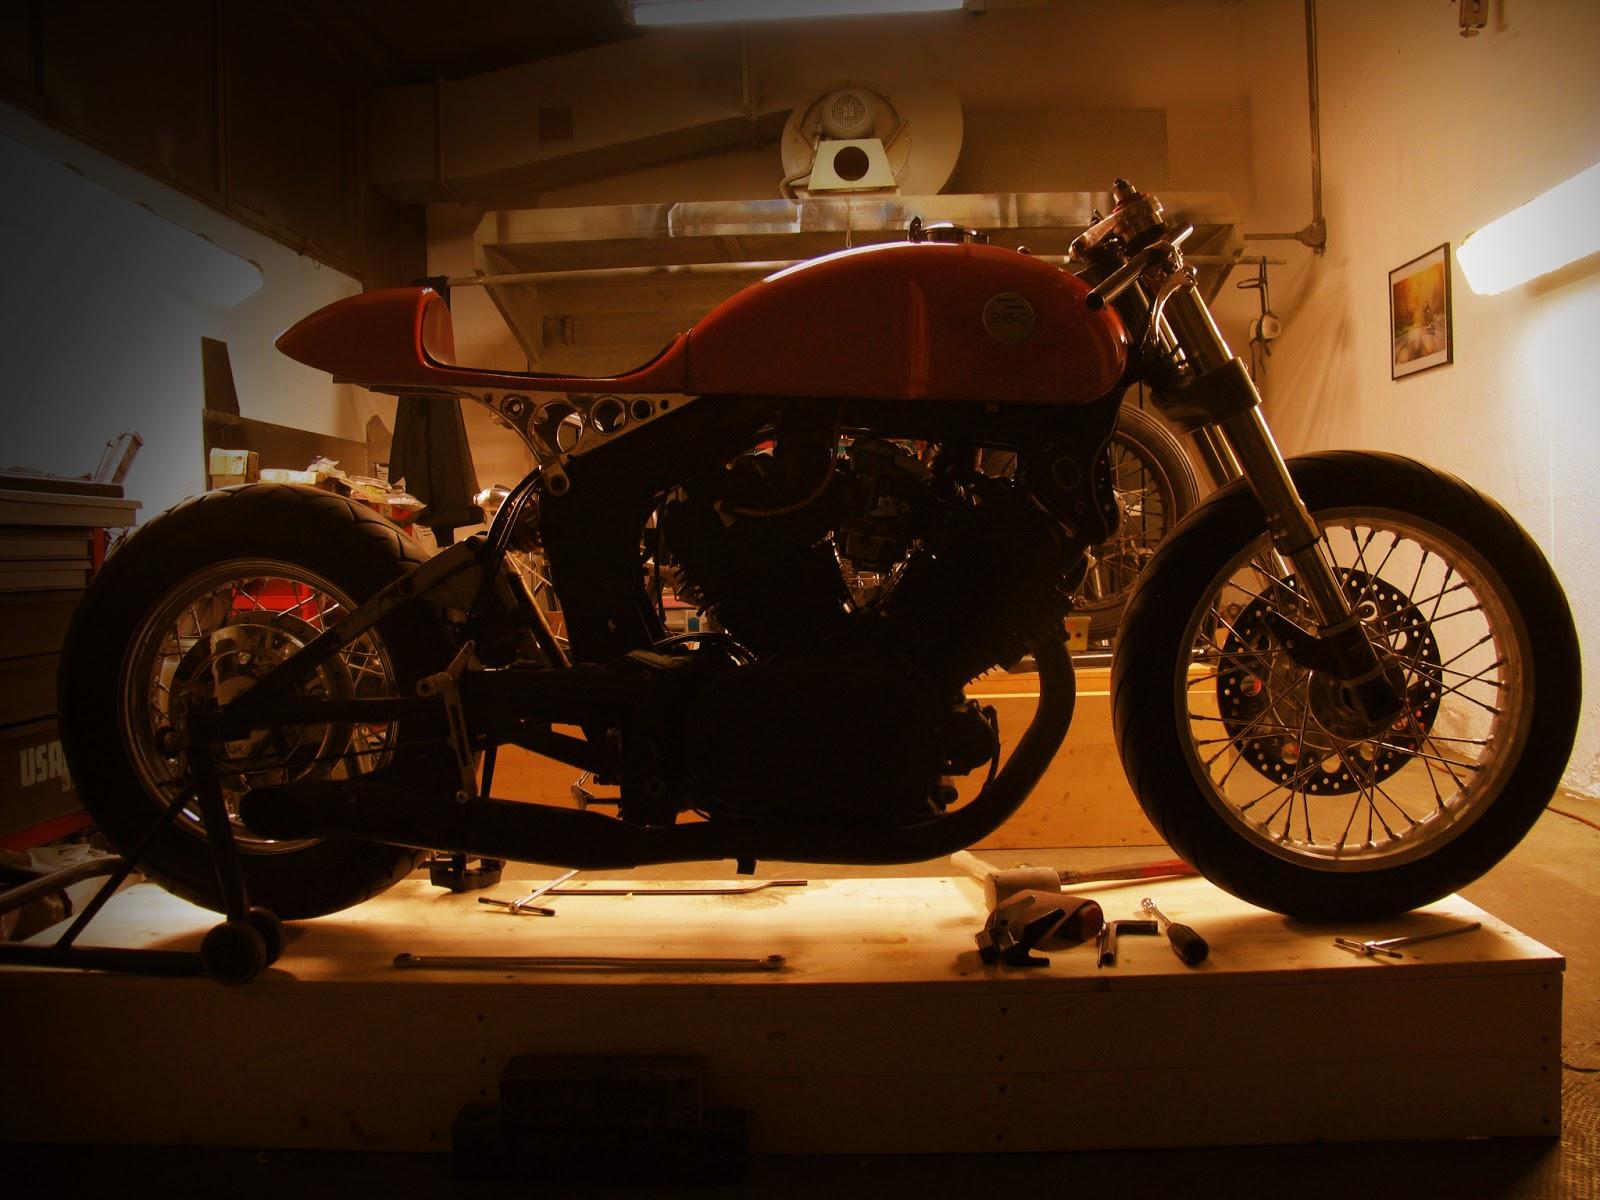 1982 Yamaha XV750 by Plan B Motorcycles :: via Inazuma Cafe